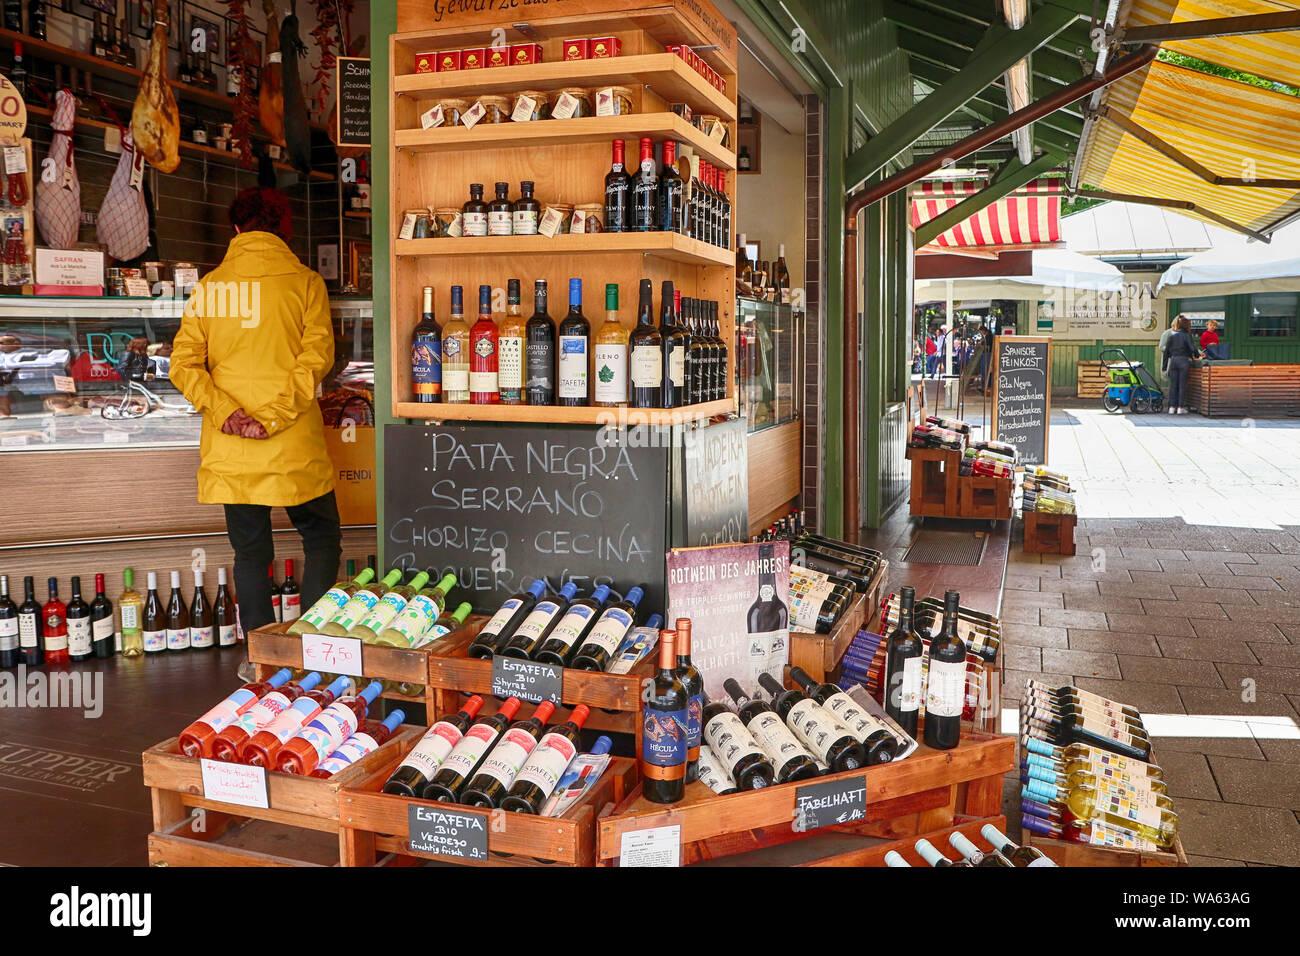 Monaco di Baviera, Germania- Agosto 16, 2019 Il cibo gourmet e wine shop offre specialità internazionali e bavaresi delicatezza al Viktualienmarkt, pietra miliare di Monaco di Baviera Foto Stock